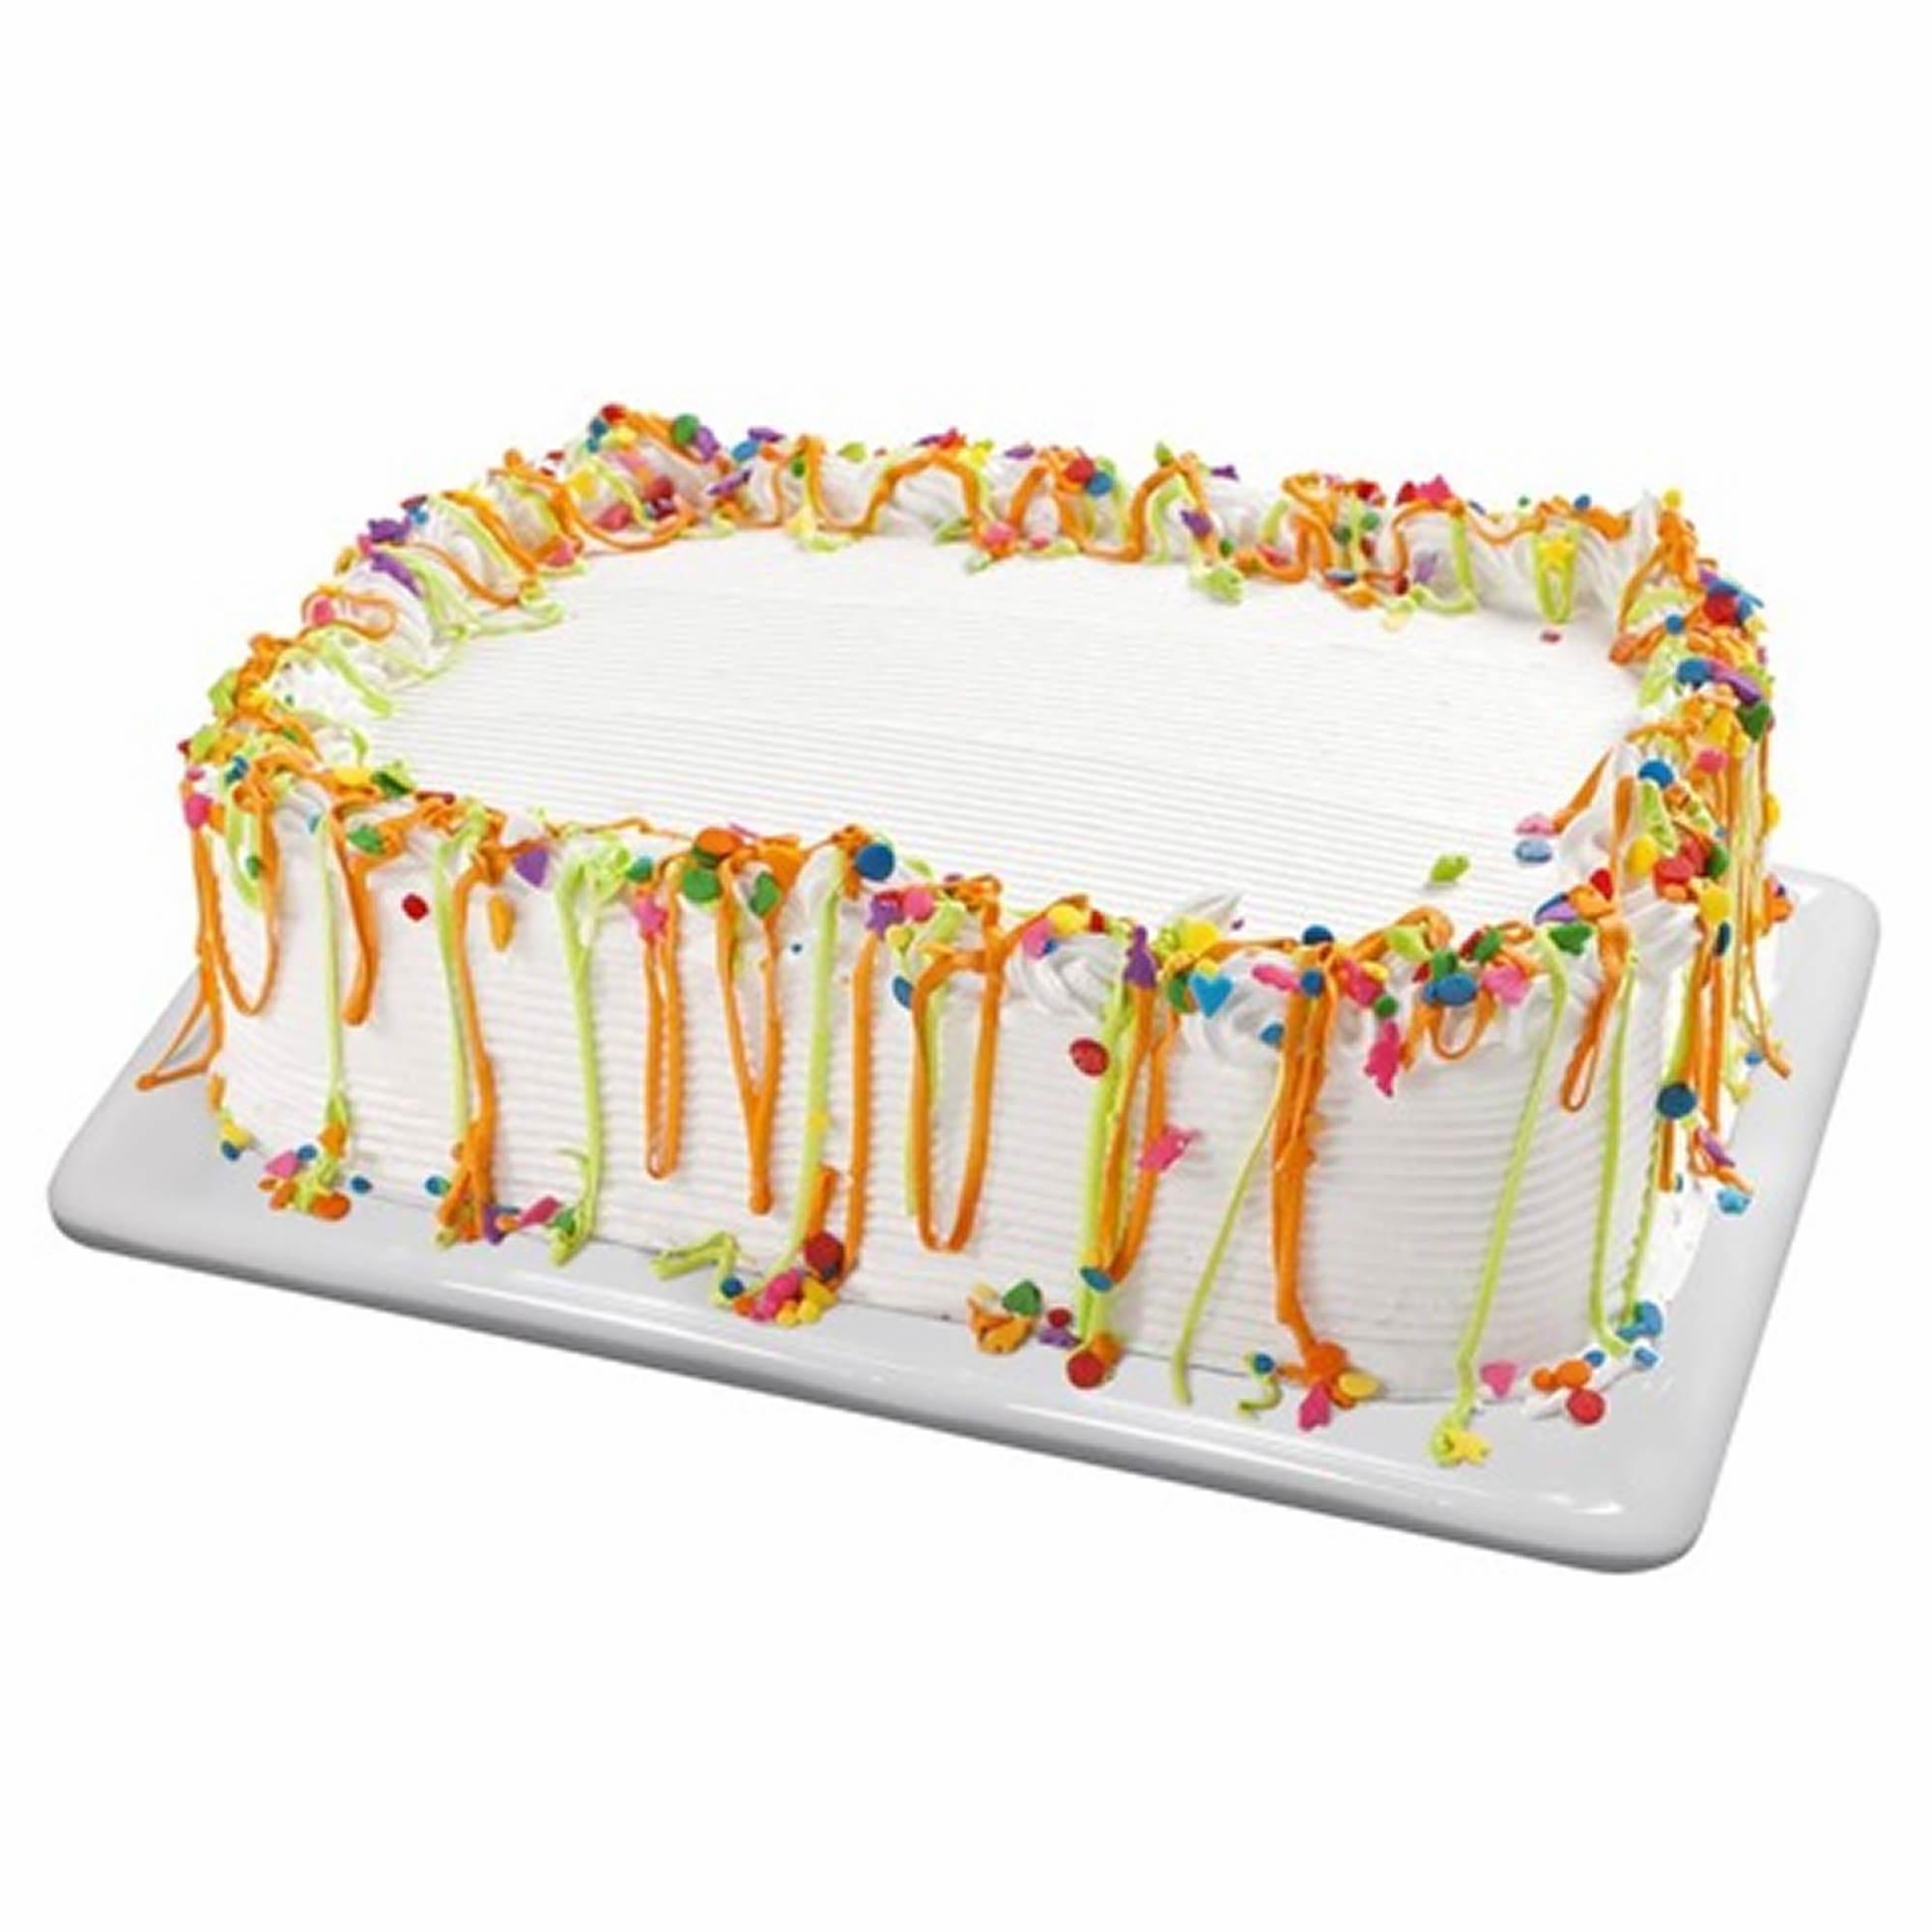 Wellsley Farms Cakes